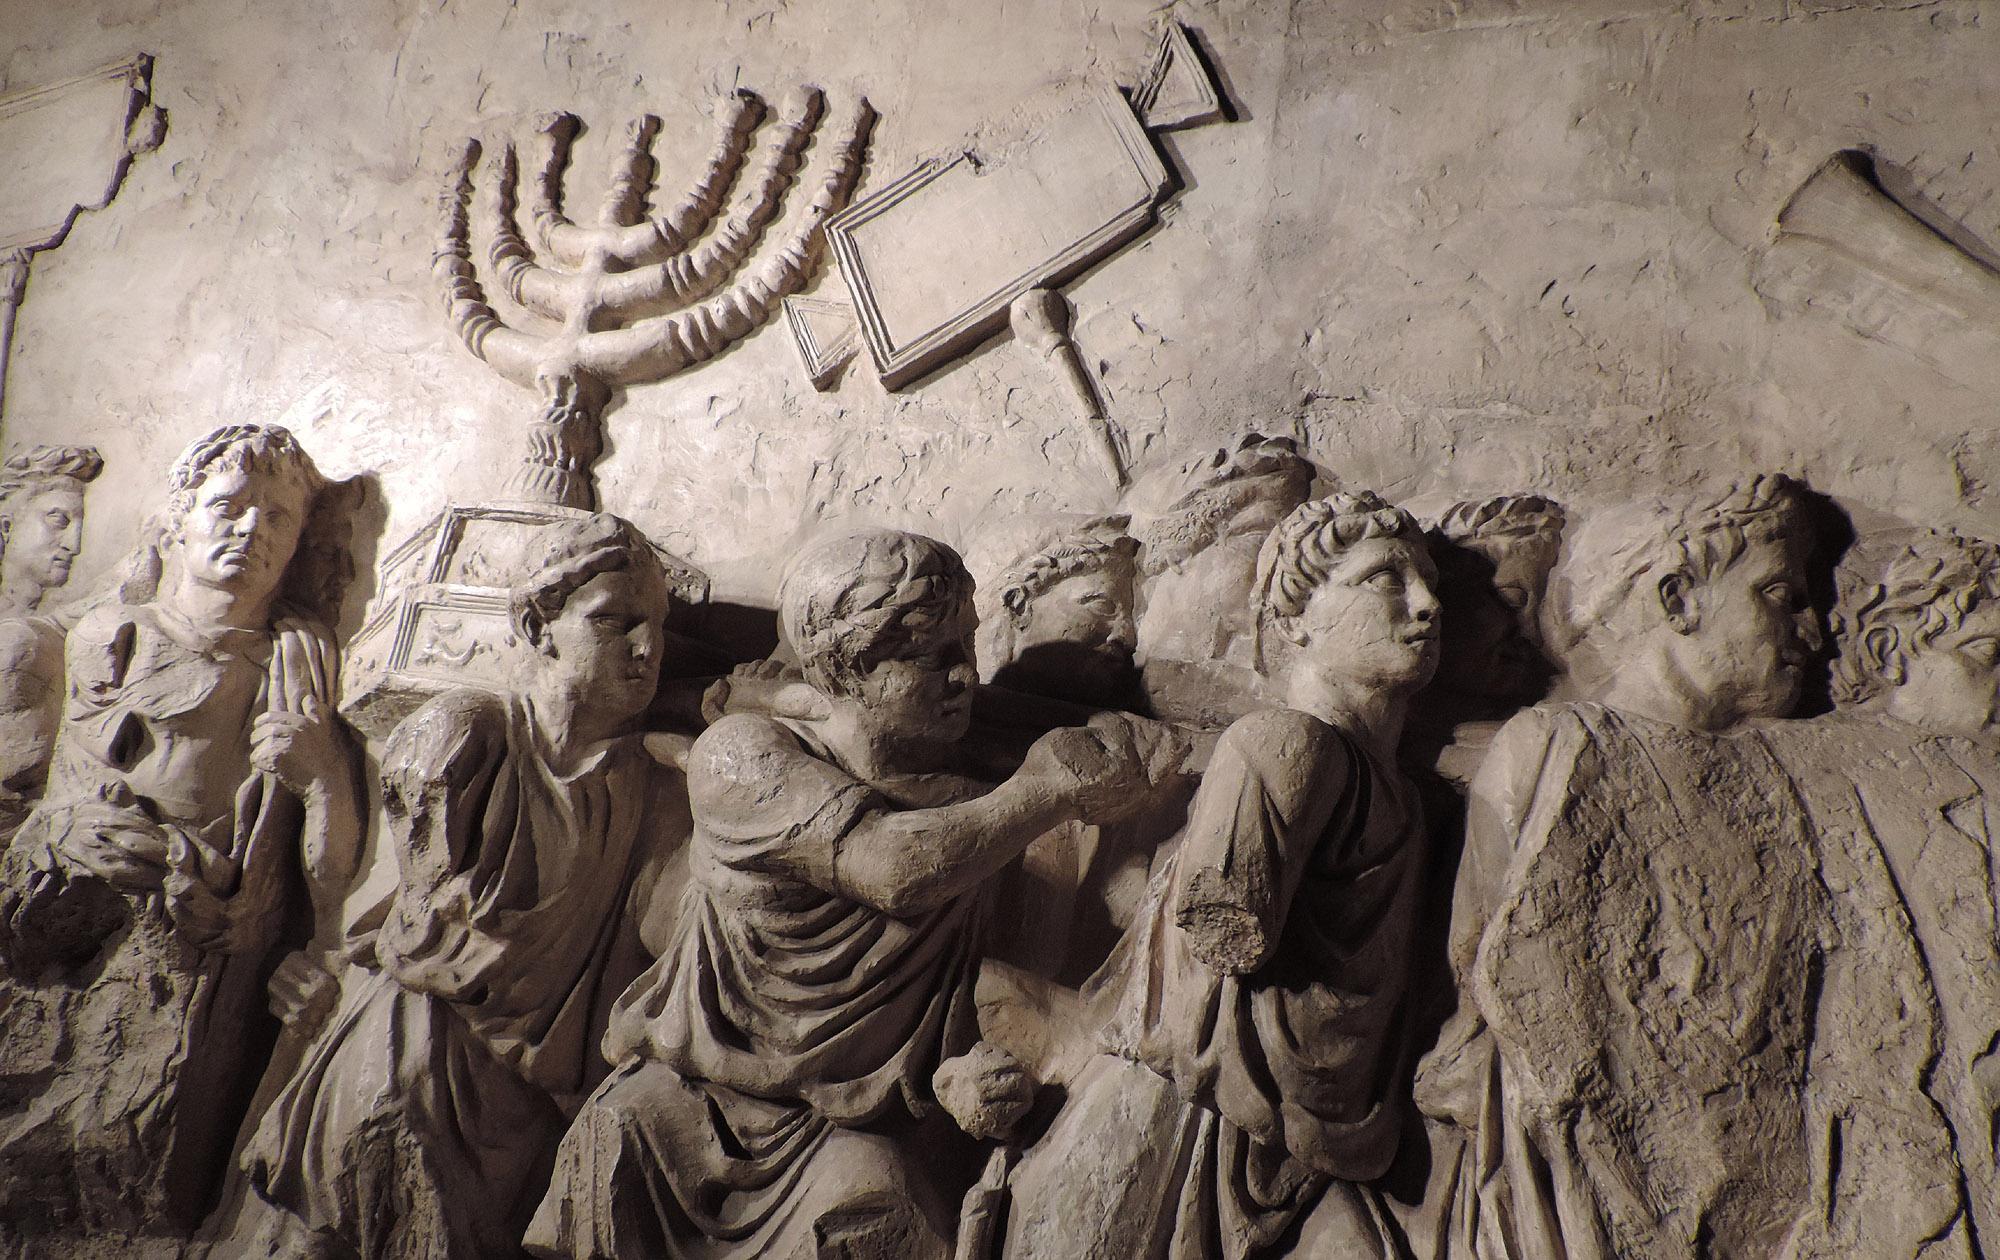 Beaalote ha la menorah et l eternit d isra l for A la porte de l eternite